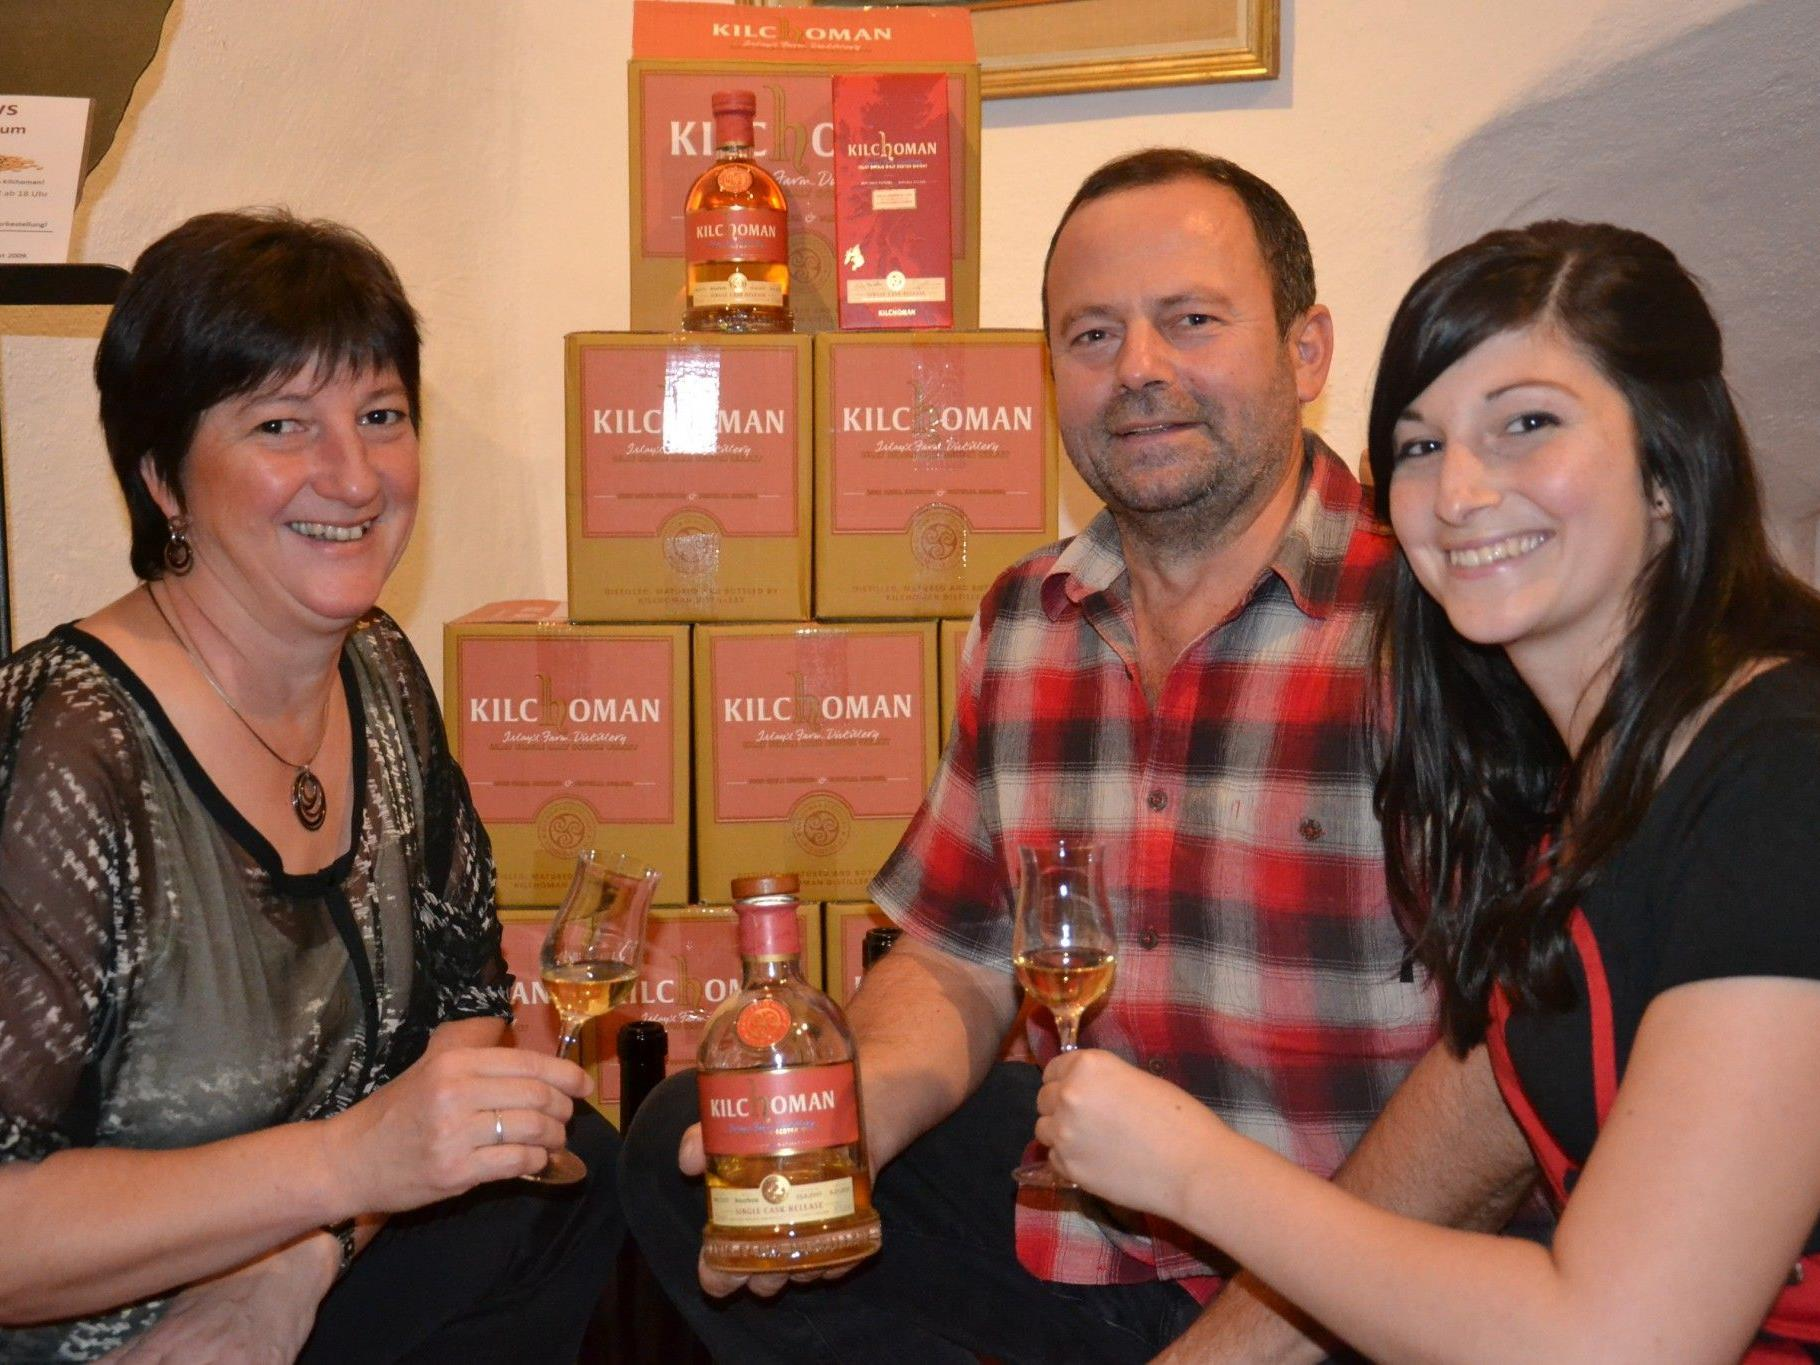 Präsentierten zum 2. Geburtstag ihren eigenen Whisky: (v.l.) Irene, Gerhard & Alexandra Kreutz